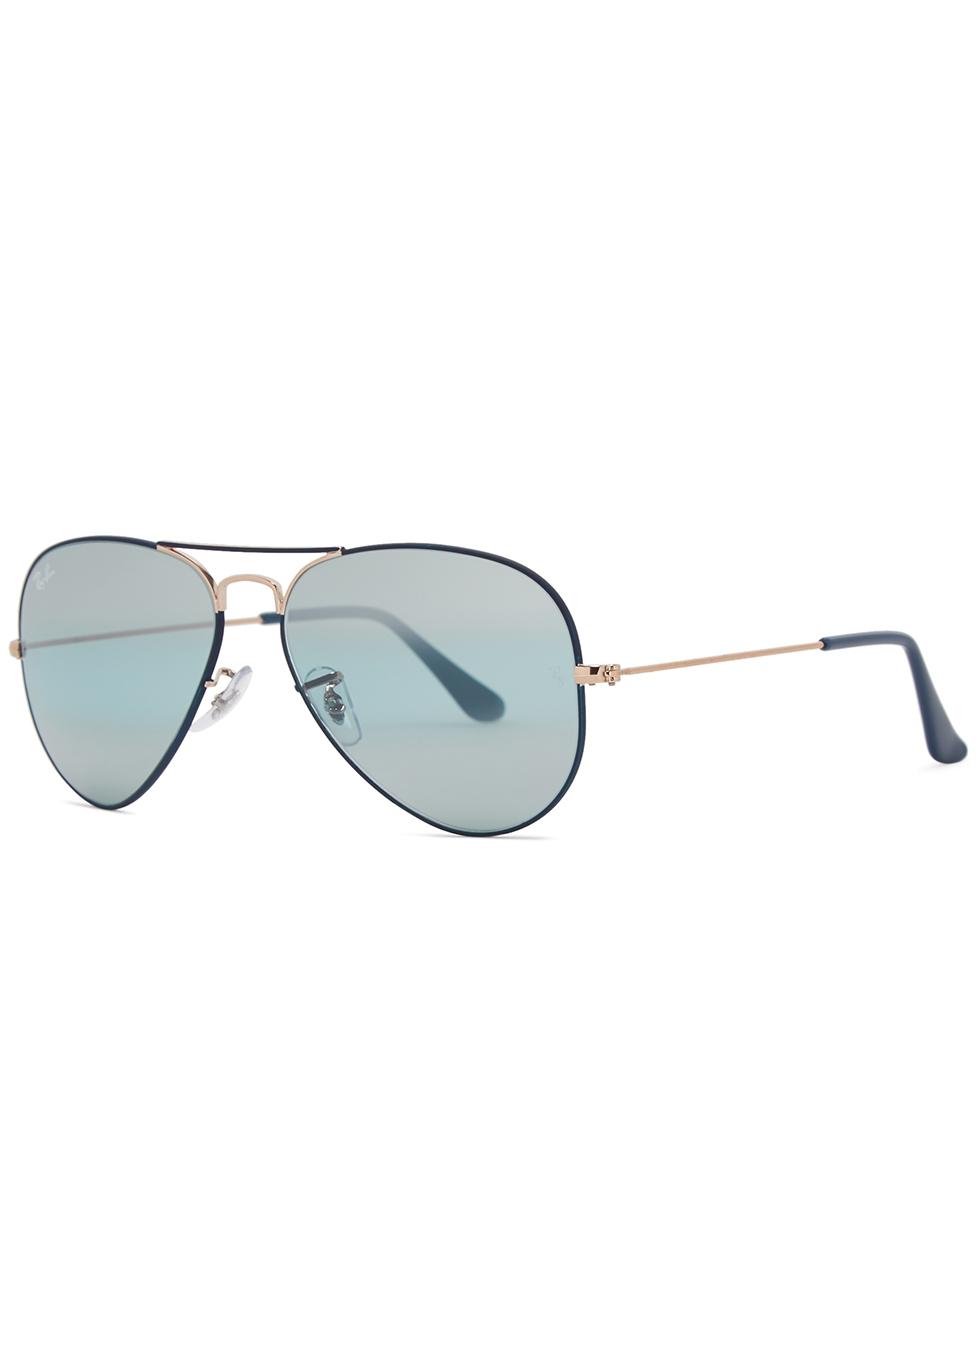 Aviator mirrored sunglasses - Ray-Ban